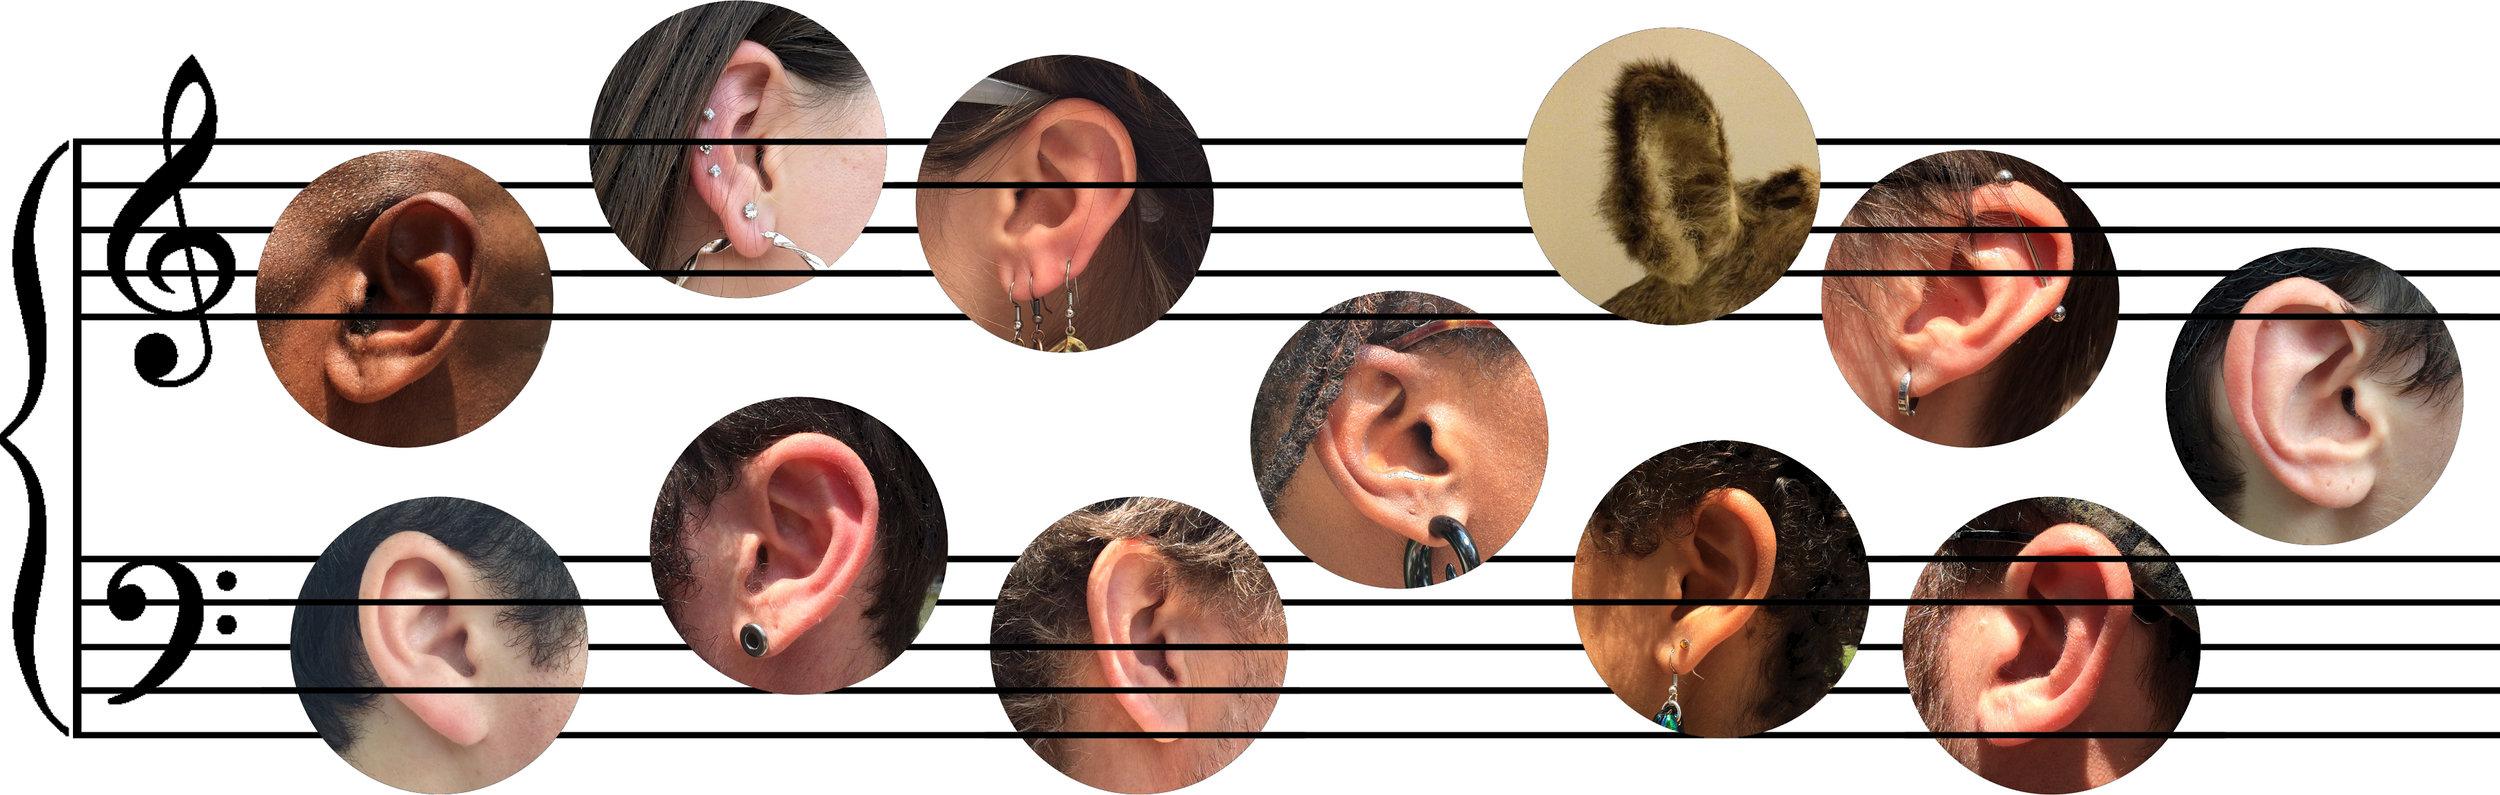 12 Tones